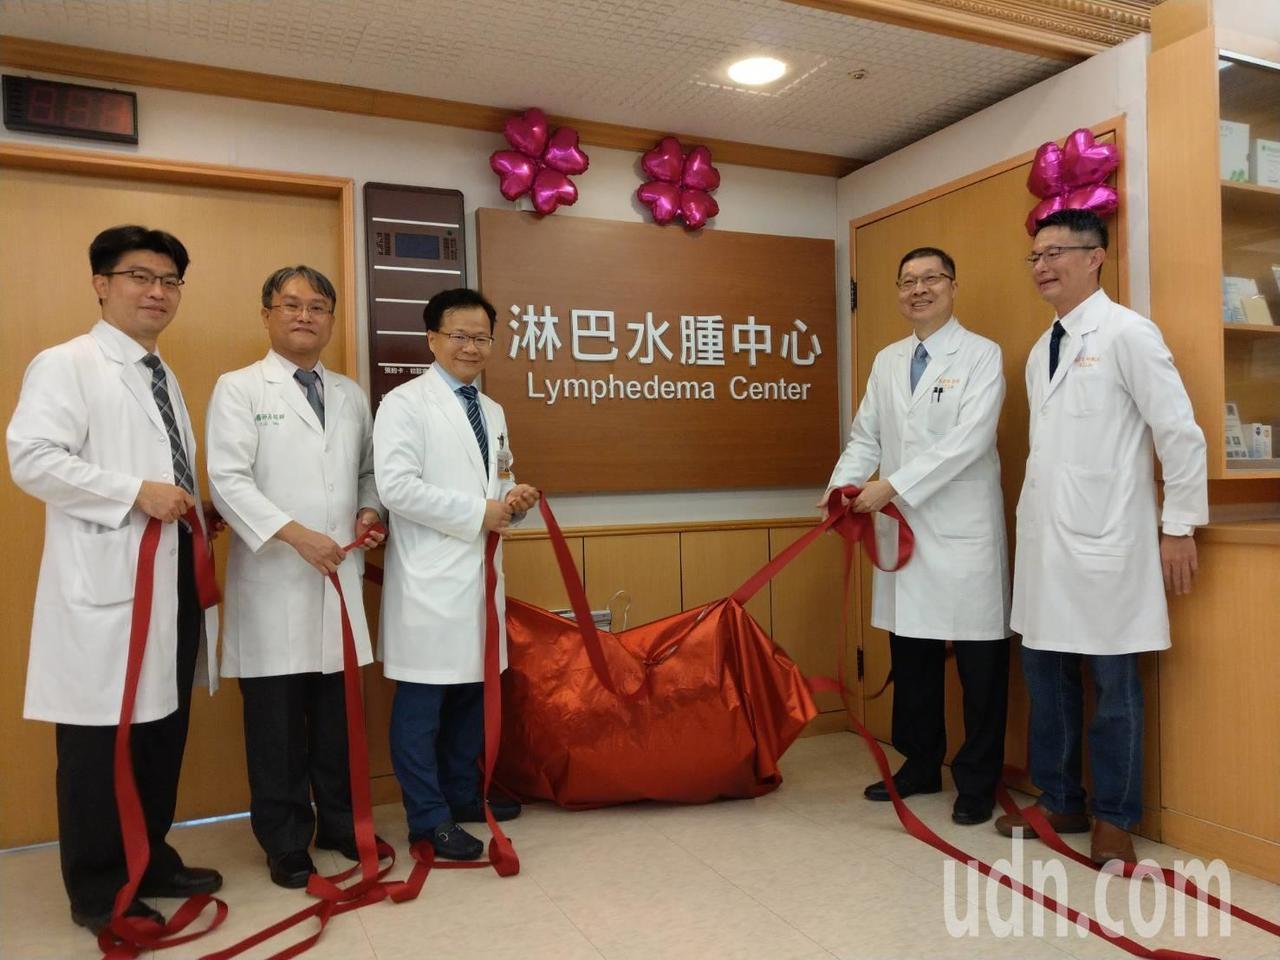 高雄長庚醫院今天慶祝200例手術成功,並宣布成立「淋巴水腫中心」。記者徐白櫻/攝...